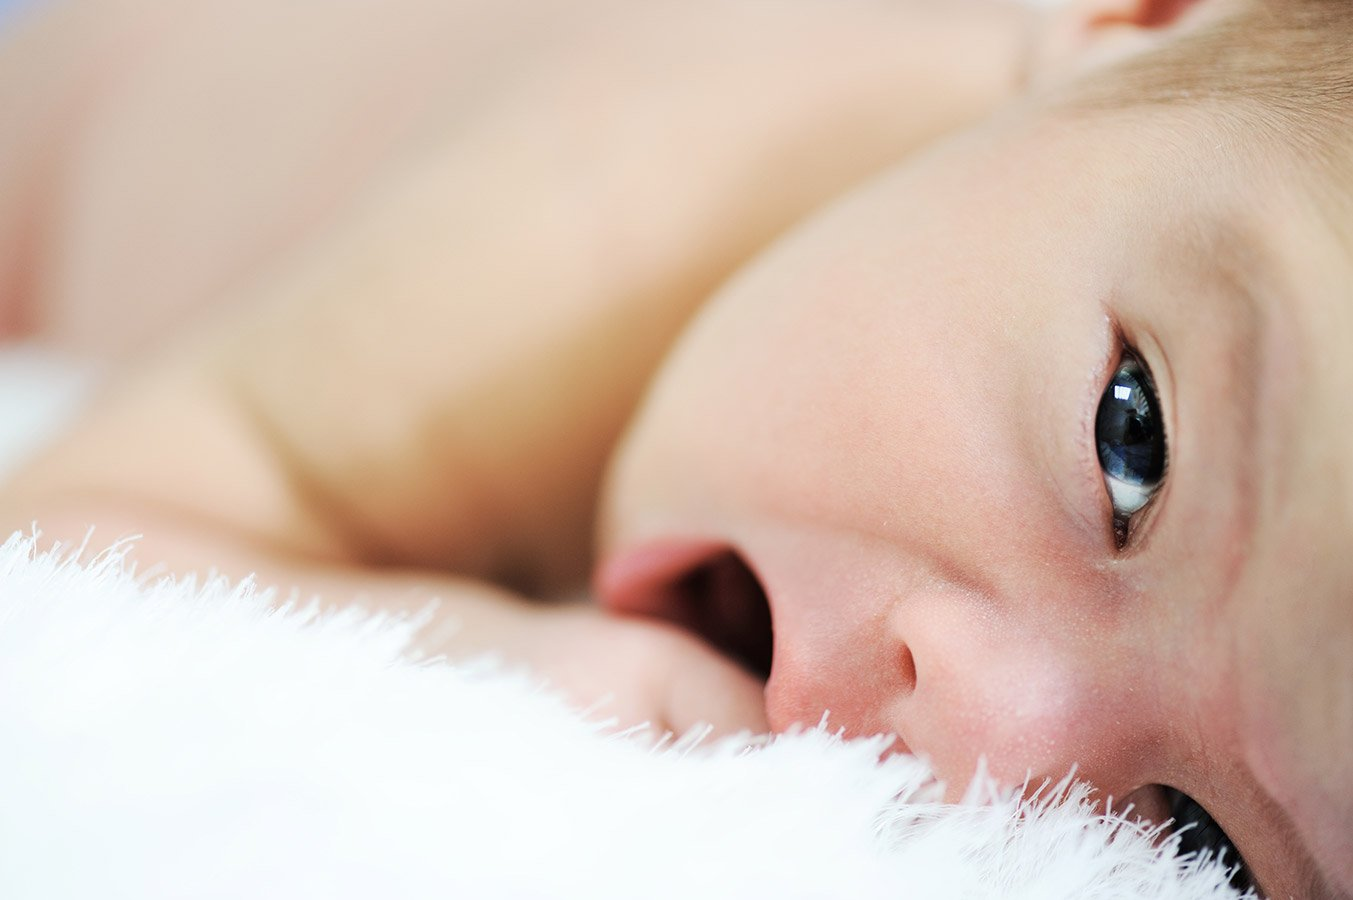 Niemowlę ulewa wodą? Kiedy ulewanie niemowlaka powinno niepokoić?